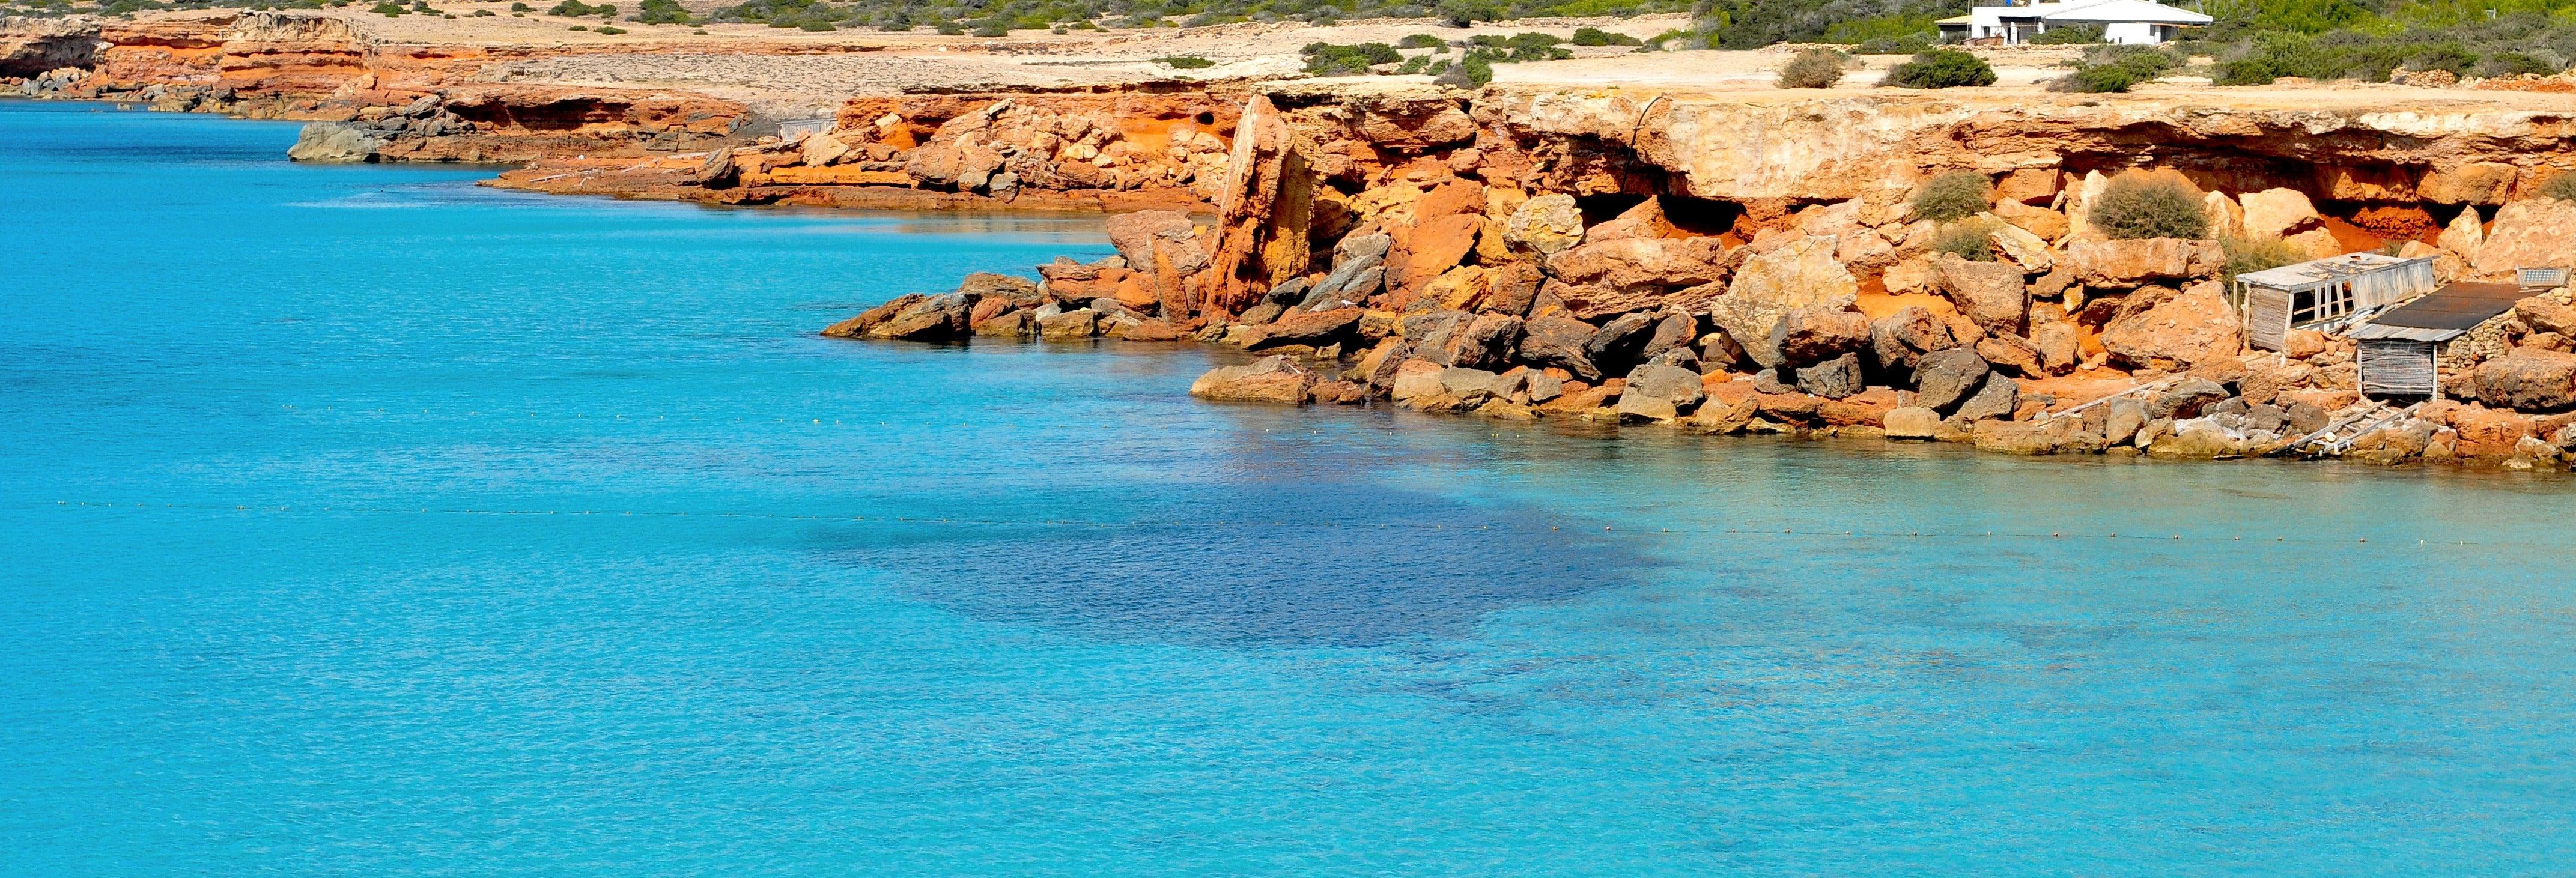 Balade en bateau dans les criques de Formentera